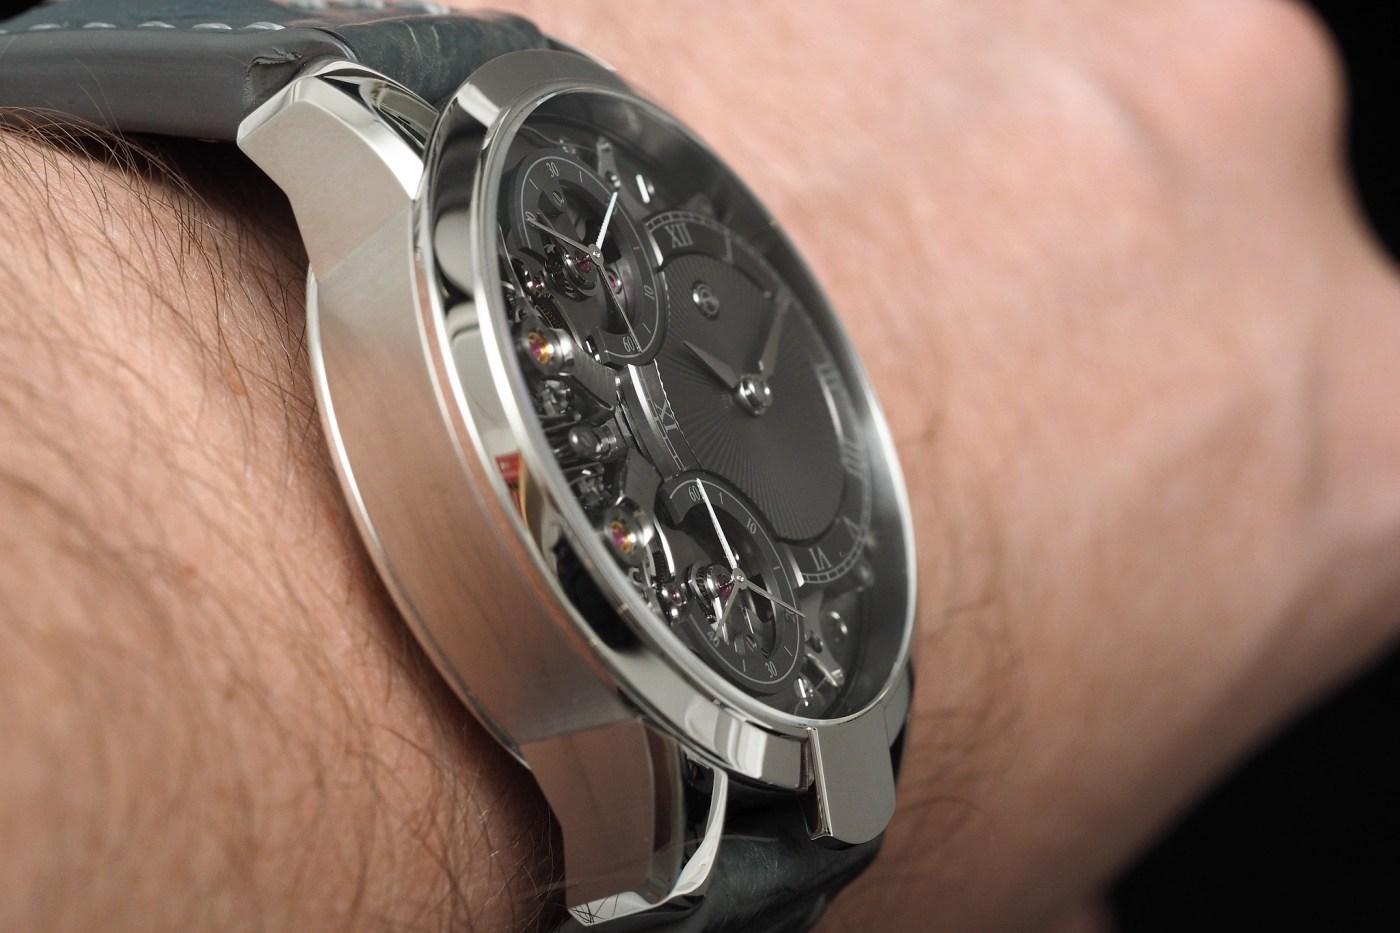 Armin Strom Mirrored Force Resonance stainless steel wristshot